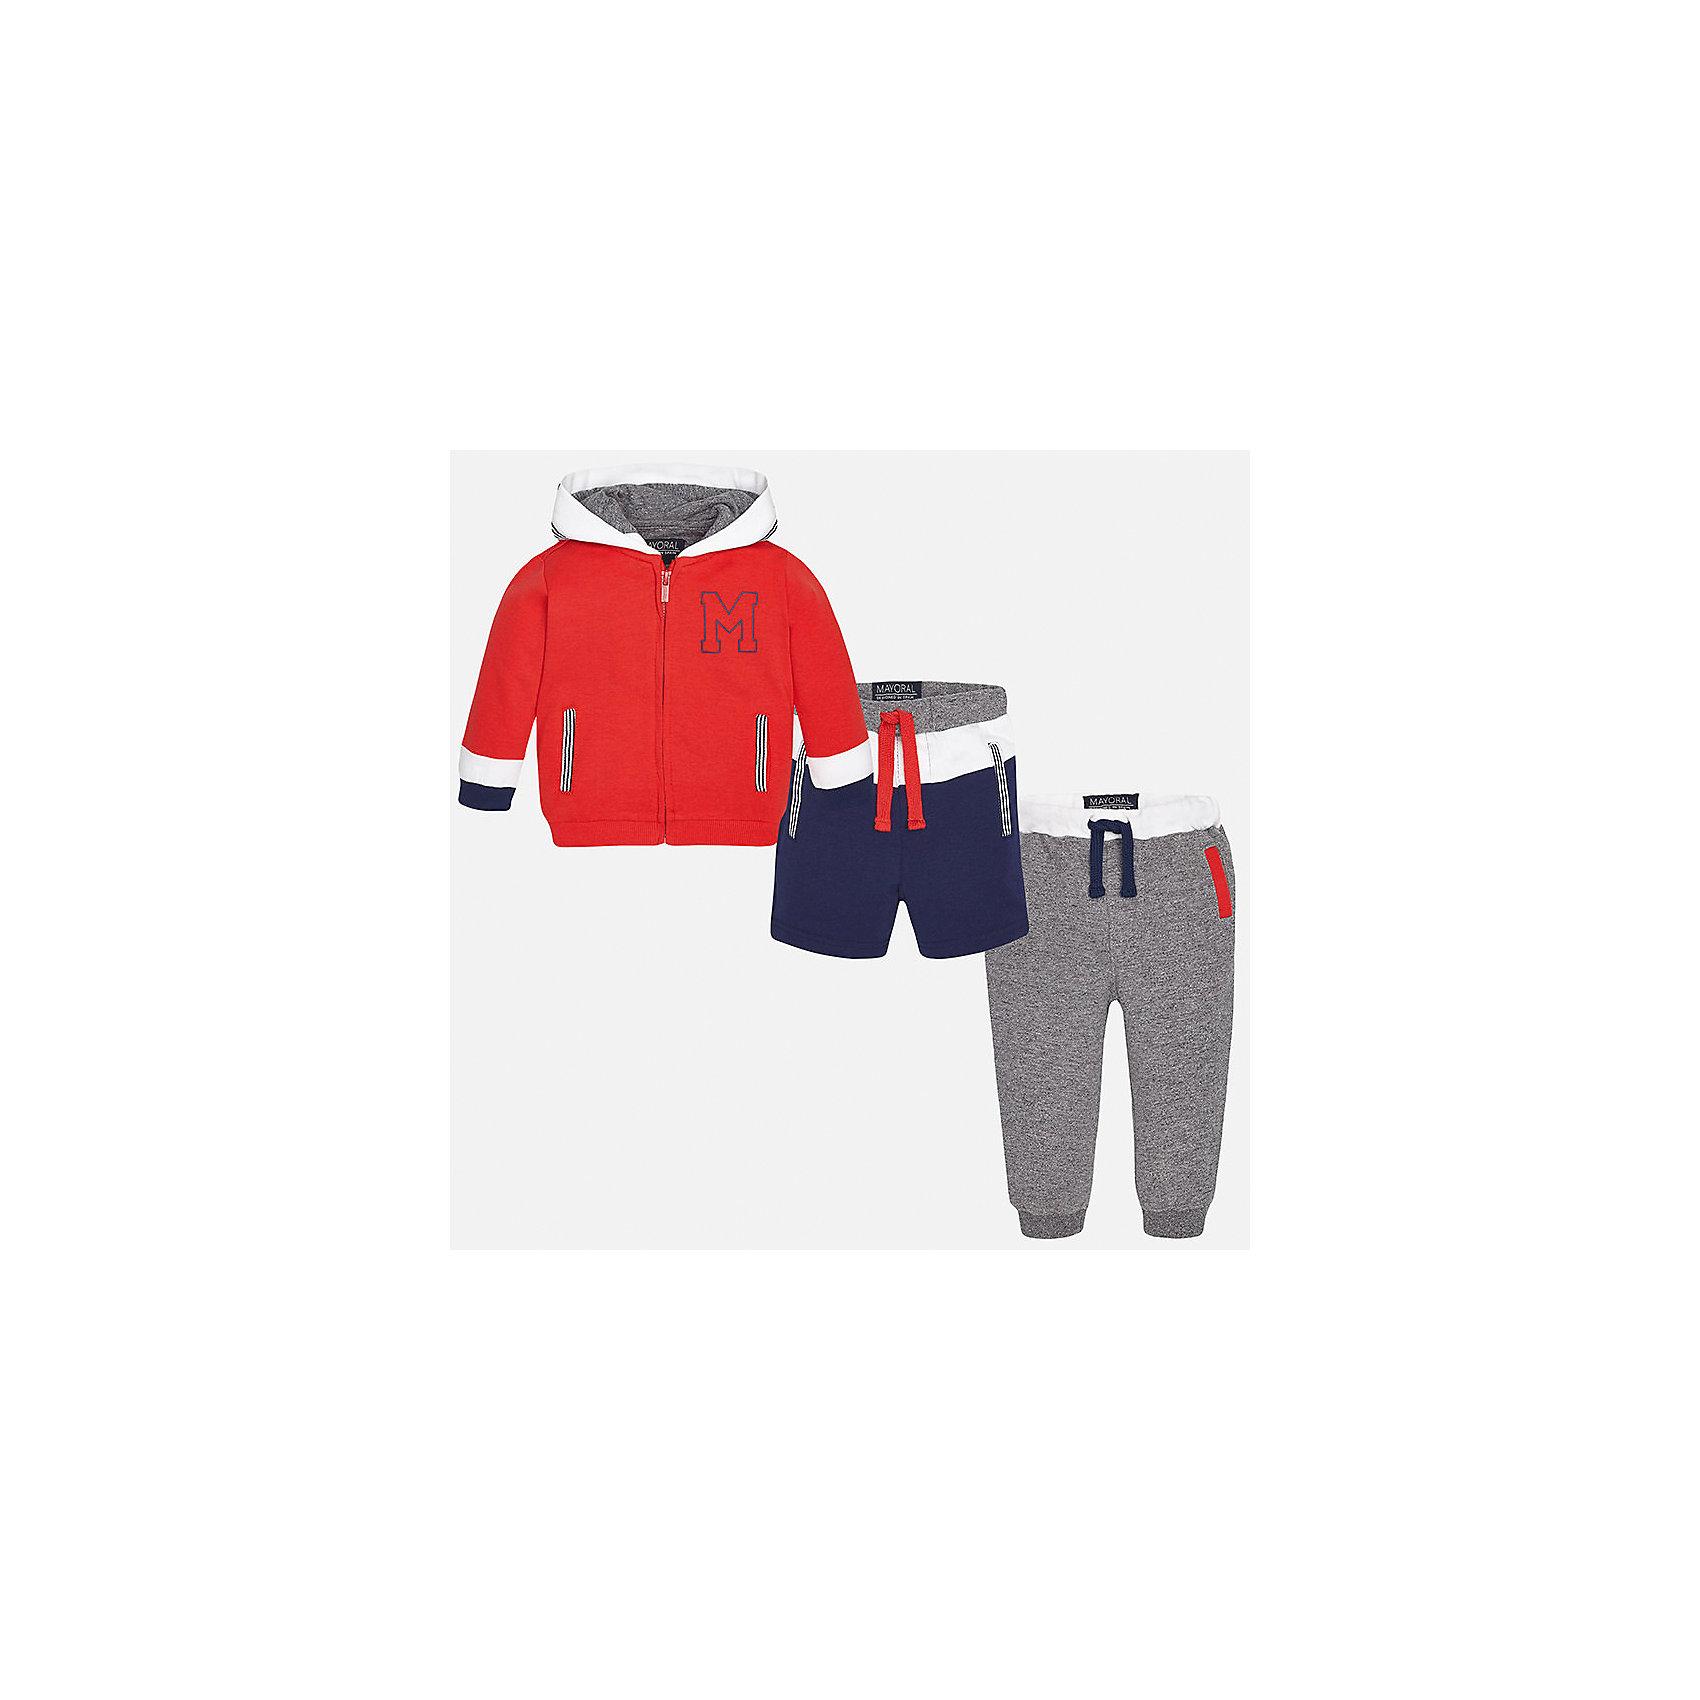 Спортивный костюм для мальчика MayoralКомплекты<br>Характеристики товара:<br><br>• цвет: красный/серый/синий<br>• состав: 58% хлопок, 39% полиэстер, 3% эластан<br>• комплектация: курточка, штаны, шорты<br>• куртка декорирована вышивкой<br>• карманы<br>• капюшон<br>• штаны, шорты - пояс на шнурке<br>• манжеты на штанах <br>• страна бренда: Испания<br><br>Стильный качественный спортивный костюм для мальчика поможет разнообразить гардероб ребенка и удобно одеться. Курточка, шорты и штаны отлично сочетаются с другими предметами. Универсальный цвет позволяет подобрать к вещам верхнюю одежду практически любой расцветки. Интересная отделка модели делает её нарядной и оригинальной. В составе материала - натуральный хлопок, гипоаллергенный, приятный на ощупь, дышащий.<br><br>Одежда, обувь и аксессуары от испанского бренда Mayoral полюбились детям и взрослым по всему миру. Модели этой марки - стильные и удобные. Для их производства используются только безопасные, качественные материалы и фурнитура. Порадуйте ребенка модными и красивыми вещами от Mayoral! <br><br>Спортивный костюм для мальчика от испанского бренда Mayoral (Майорал) можно купить в нашем интернет-магазине.<br><br>Ширина мм: 247<br>Глубина мм: 16<br>Высота мм: 140<br>Вес г: 225<br>Цвет: розовый<br>Возраст от месяцев: 12<br>Возраст до месяцев: 15<br>Пол: Мужской<br>Возраст: Детский<br>Размер: 80,92,86<br>SKU: 5279733